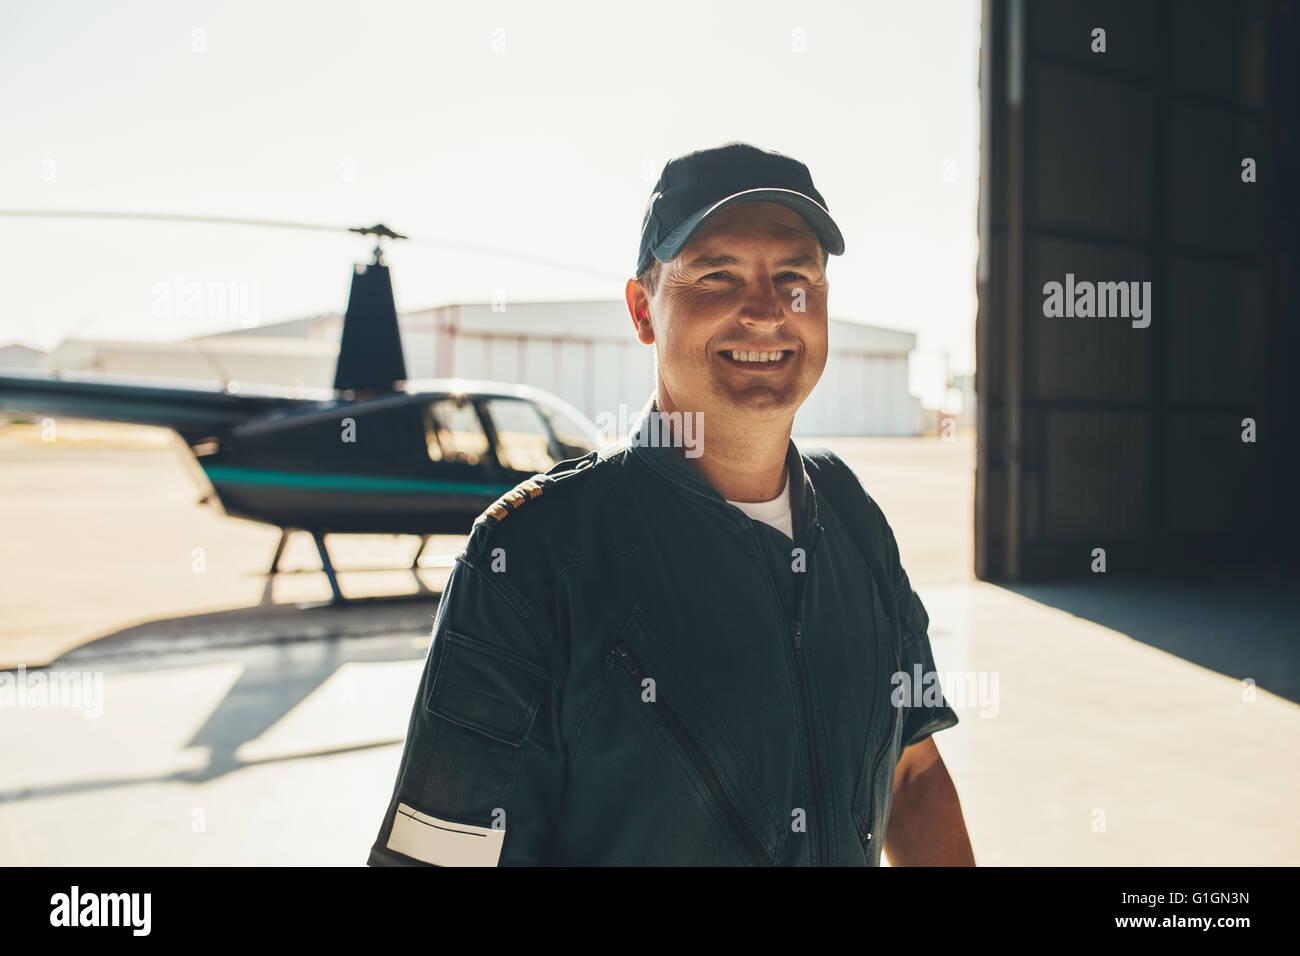 Portrait of male pilot in airplane hangar avec un hélicoptère en arrière-plan Photo Stock